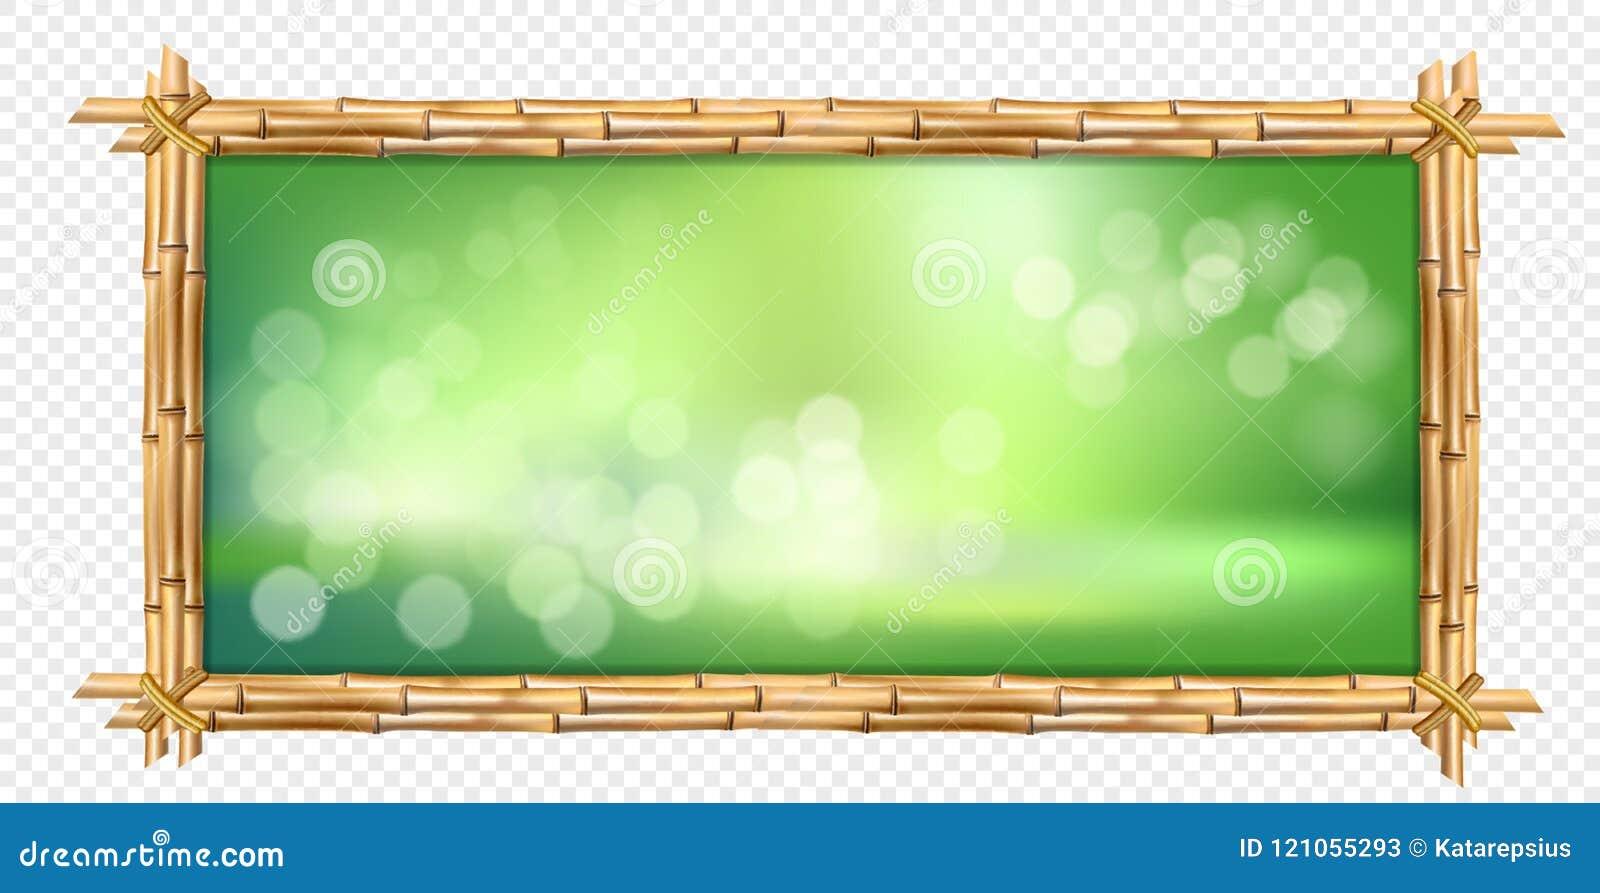 El bambú marrón del rectángulo pega el marco con el fondo borroso verde